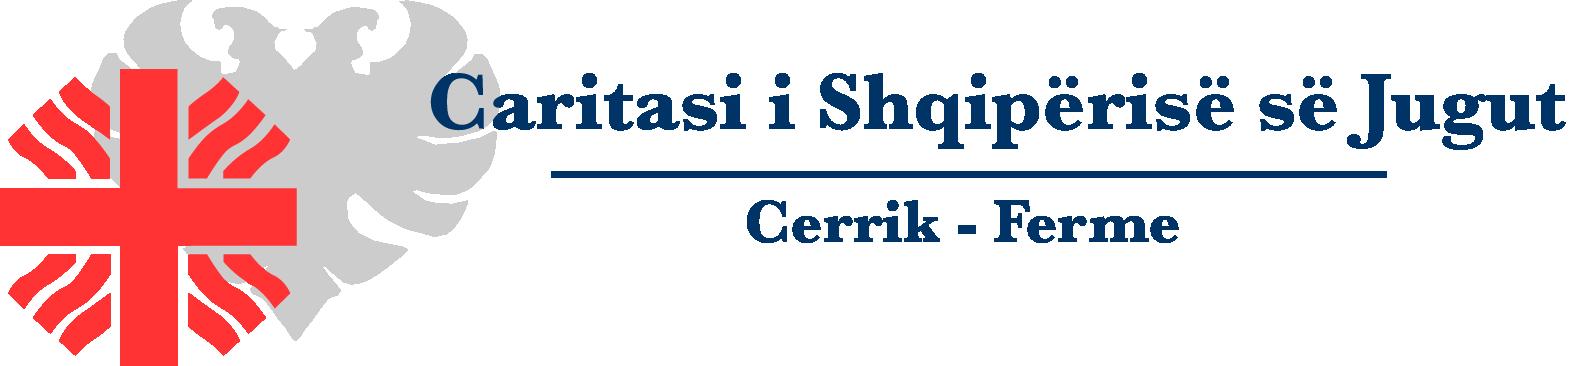 Caritasi i Shqiperise se Jugut